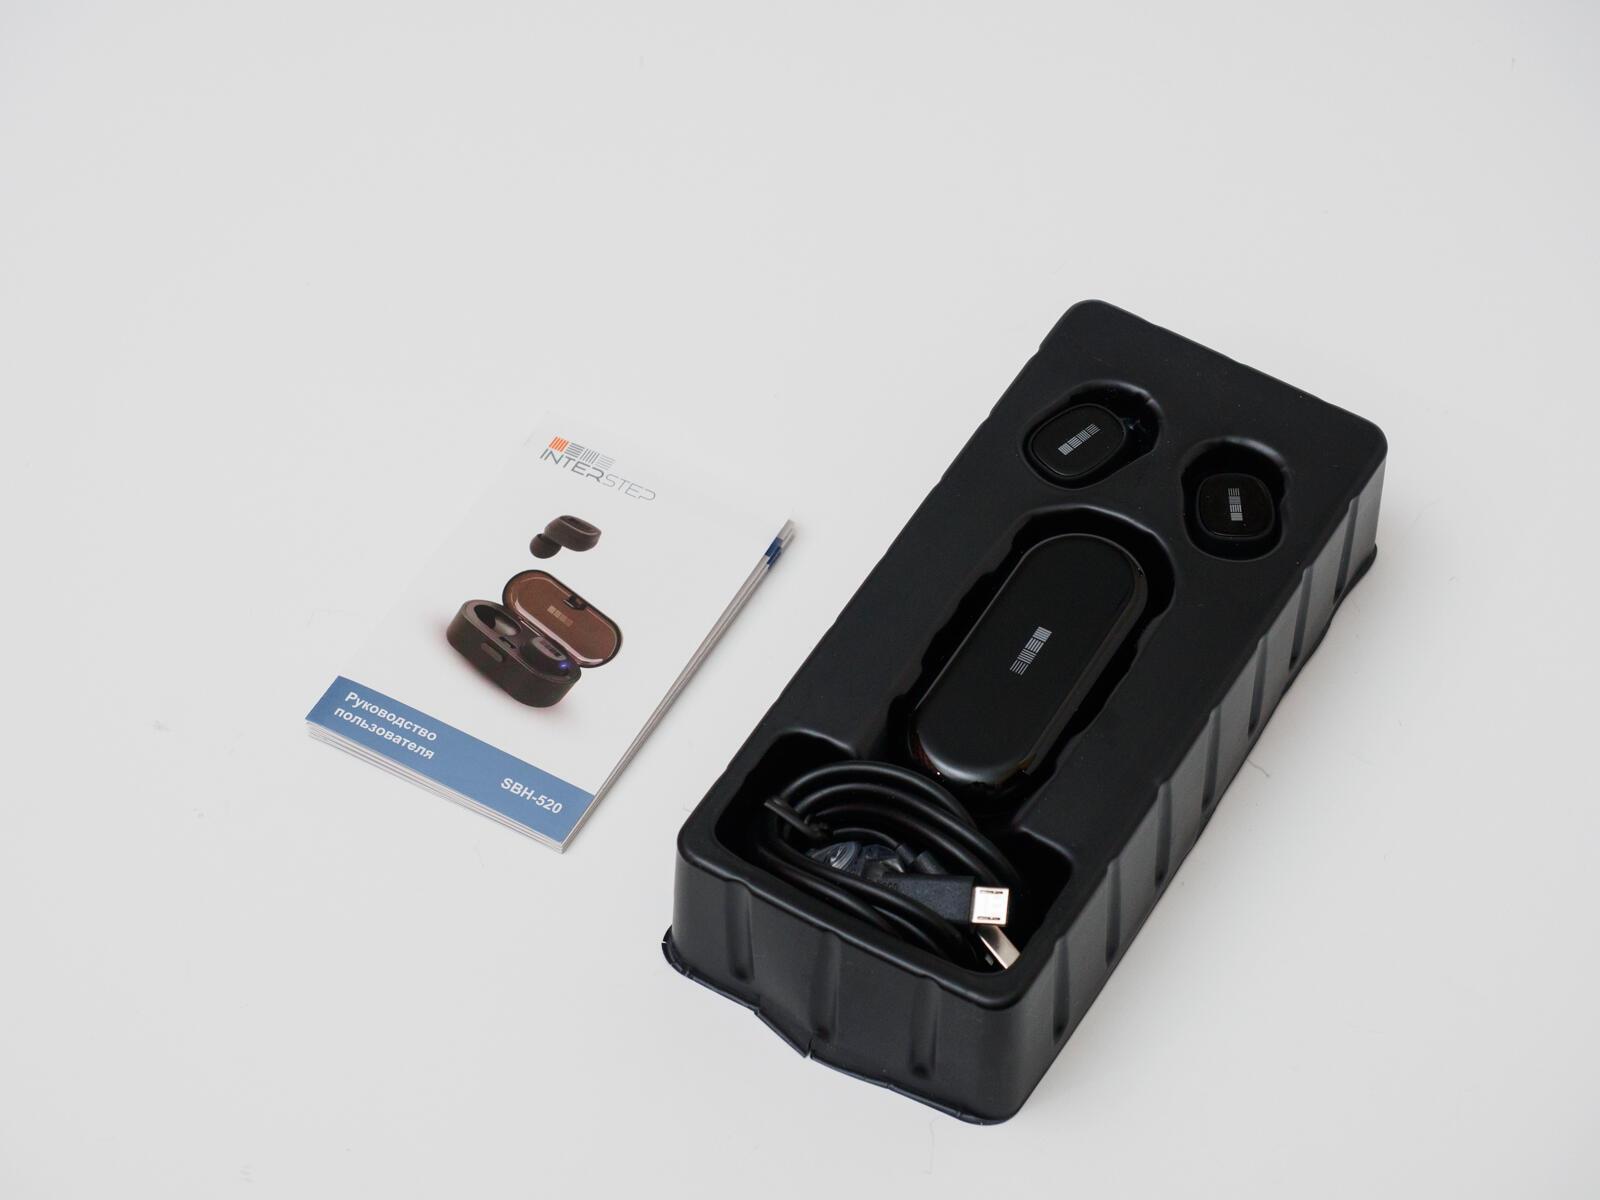 Видео и Аудио - Обзор беспроводных наушников InerStep SBH-520  18bd269d2ada1